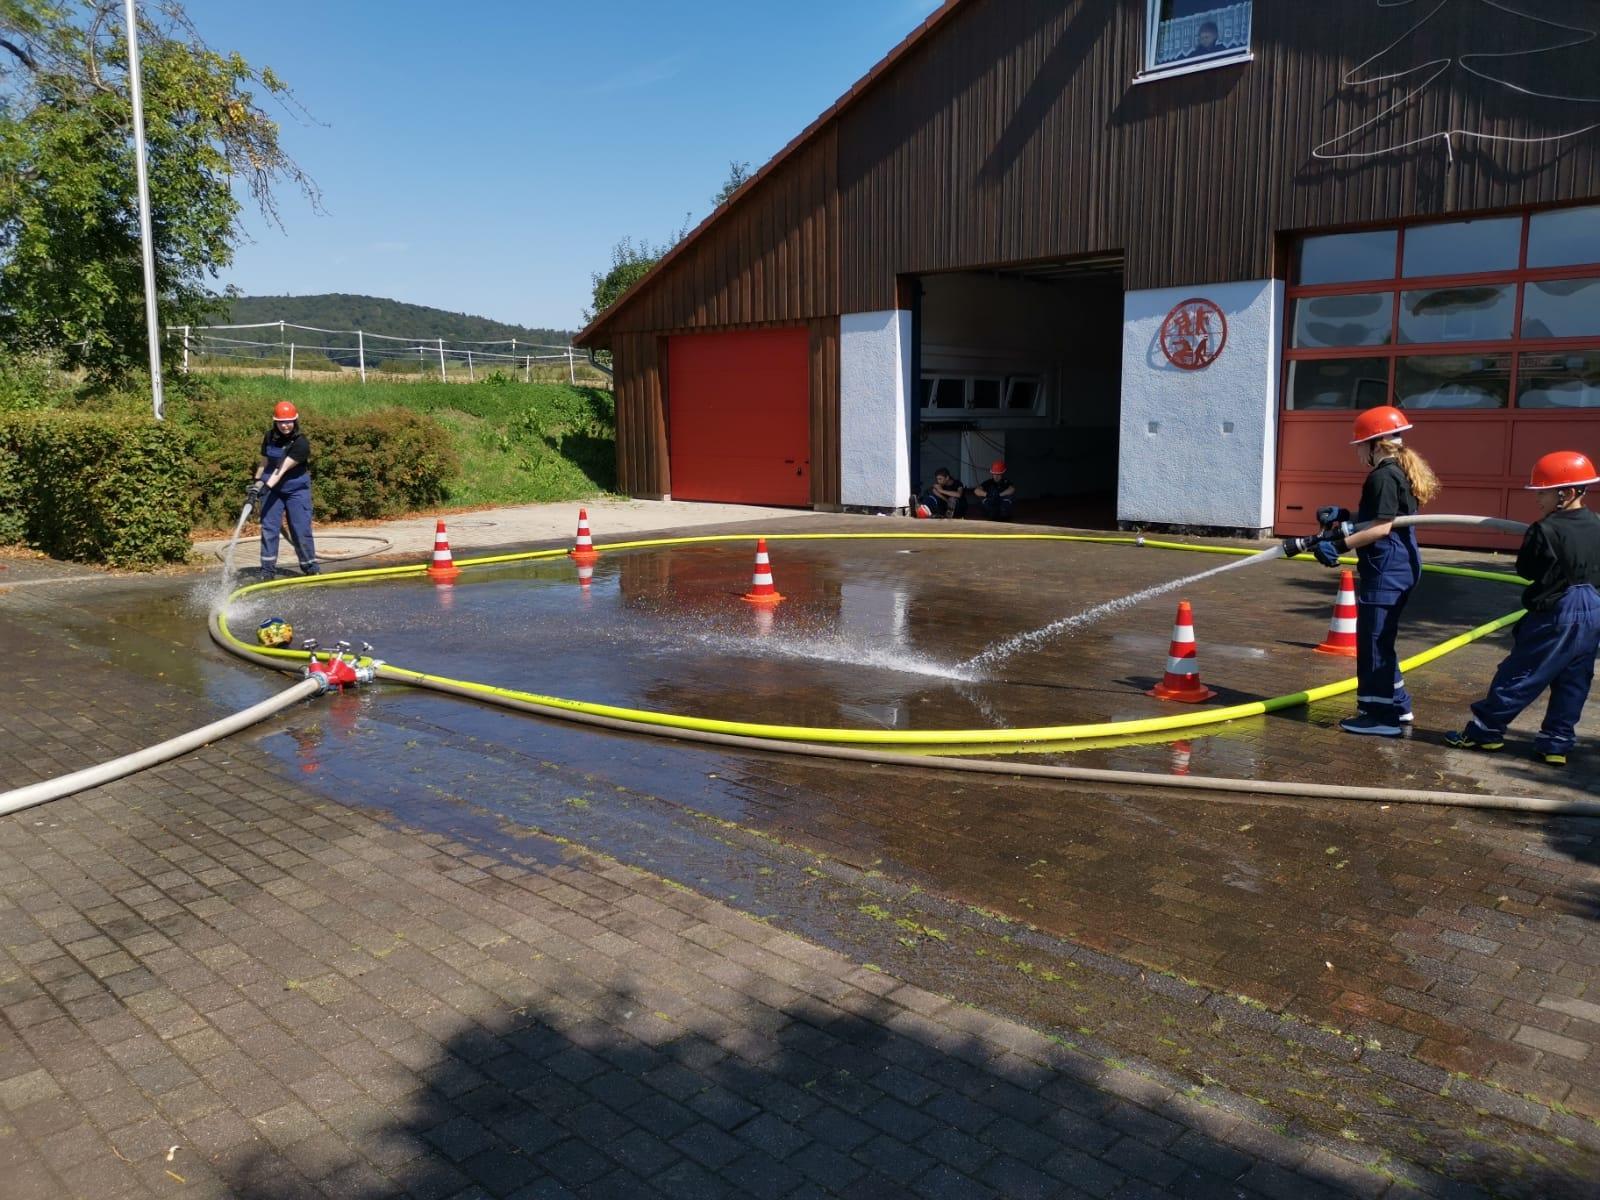 2019 08 30 Nachwuchstag bei der Feuerwehr Bild 1